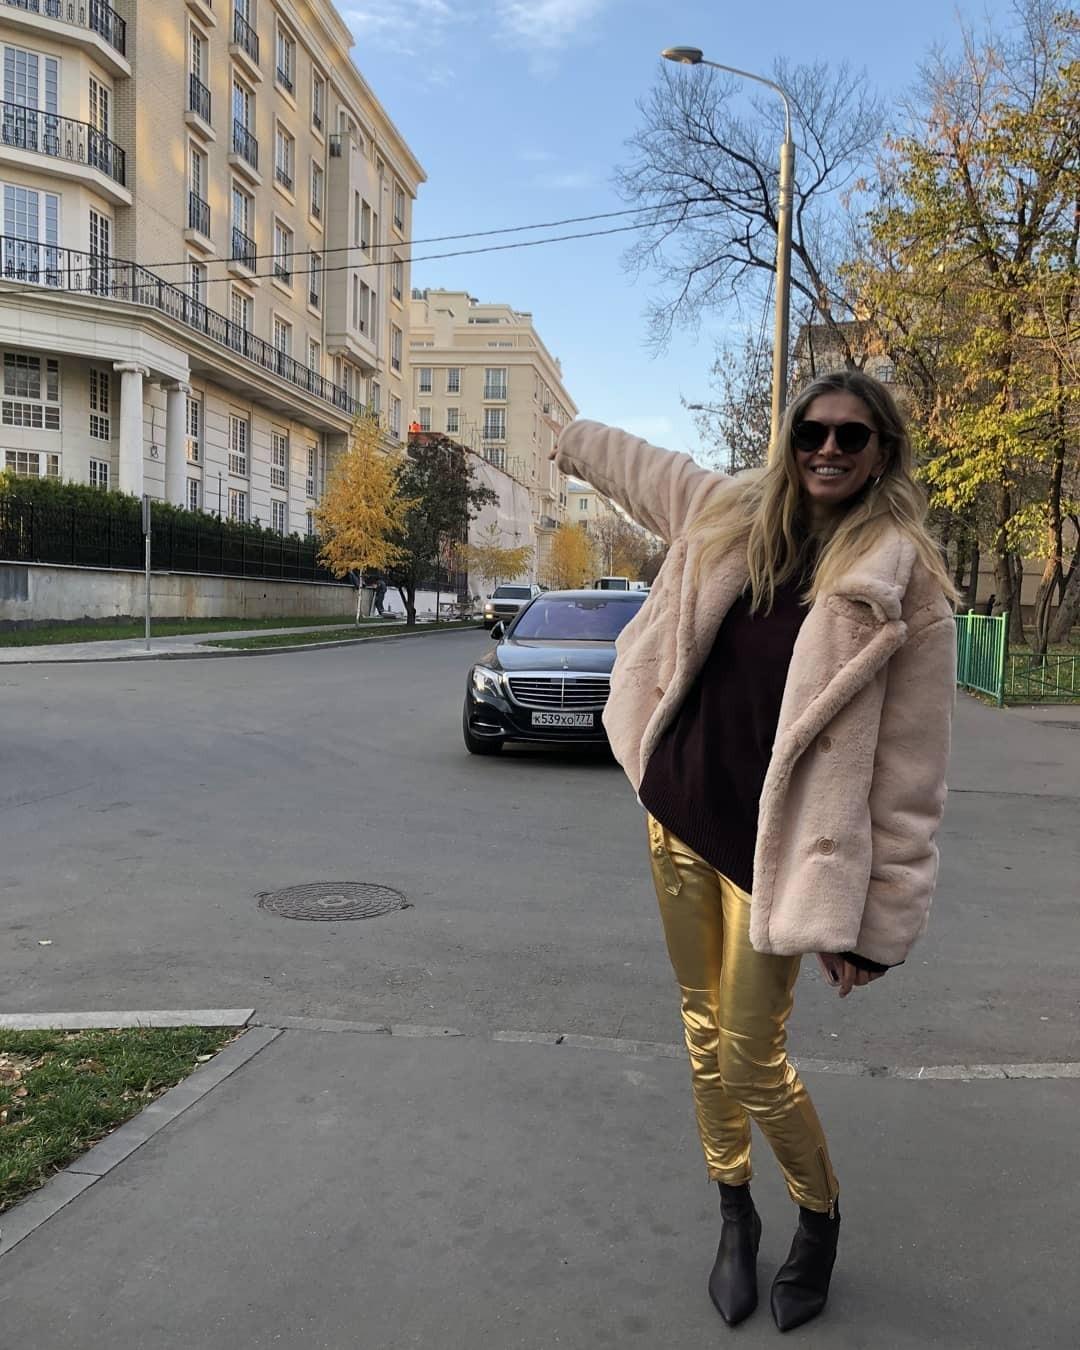 Для будничного осеннего дня Вера Брежнева выбрала дубленку средней длины из искусственного меха (настоящий тренд сезона), узкие брюки золотистого цвета и невероятно стильные черные матовы...